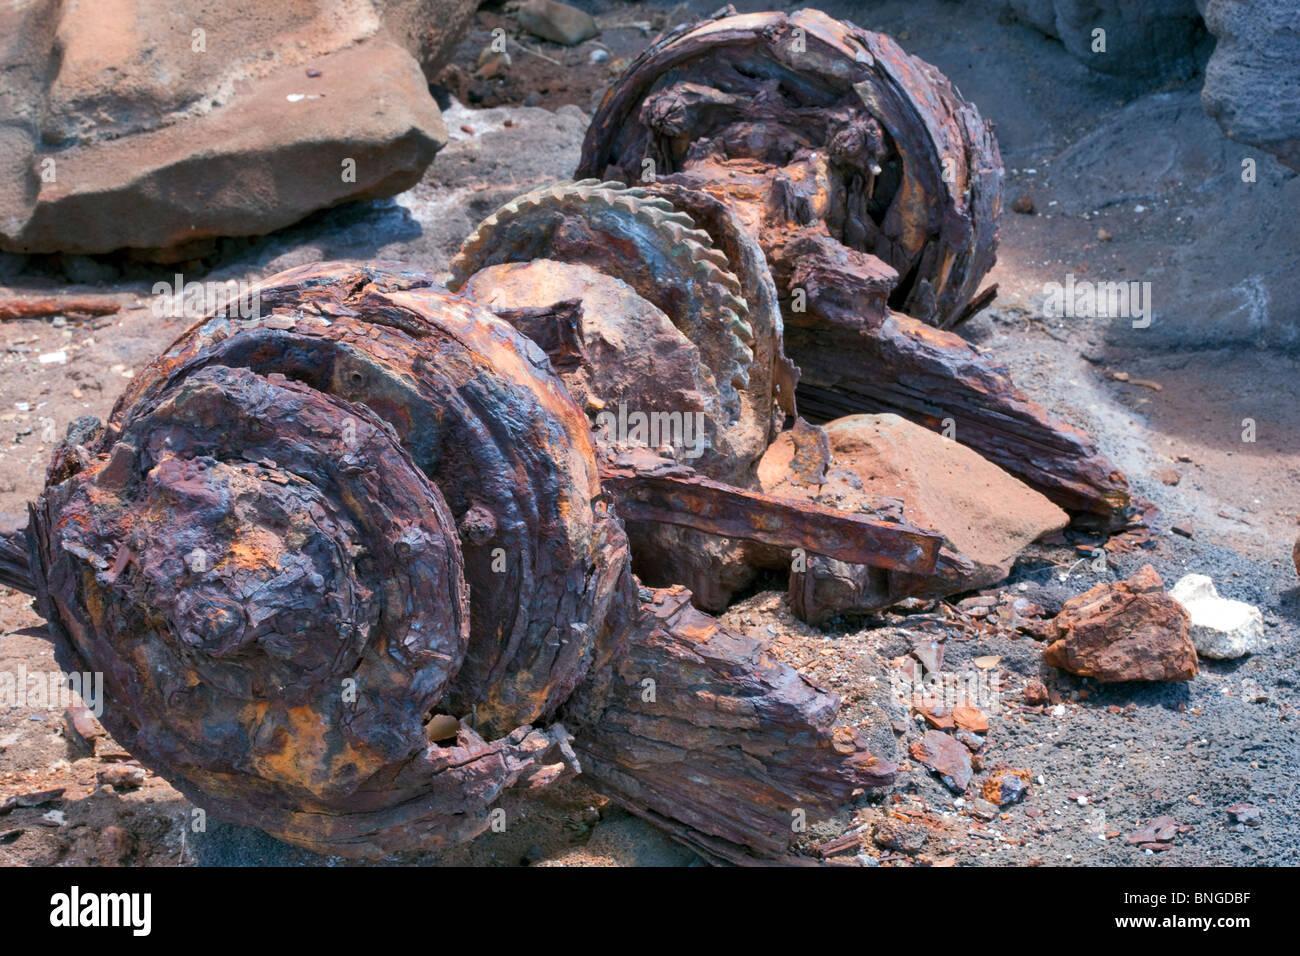 Old junkyard of car and truck parts at seashore. Kauai, Hawaii. - Stock Image